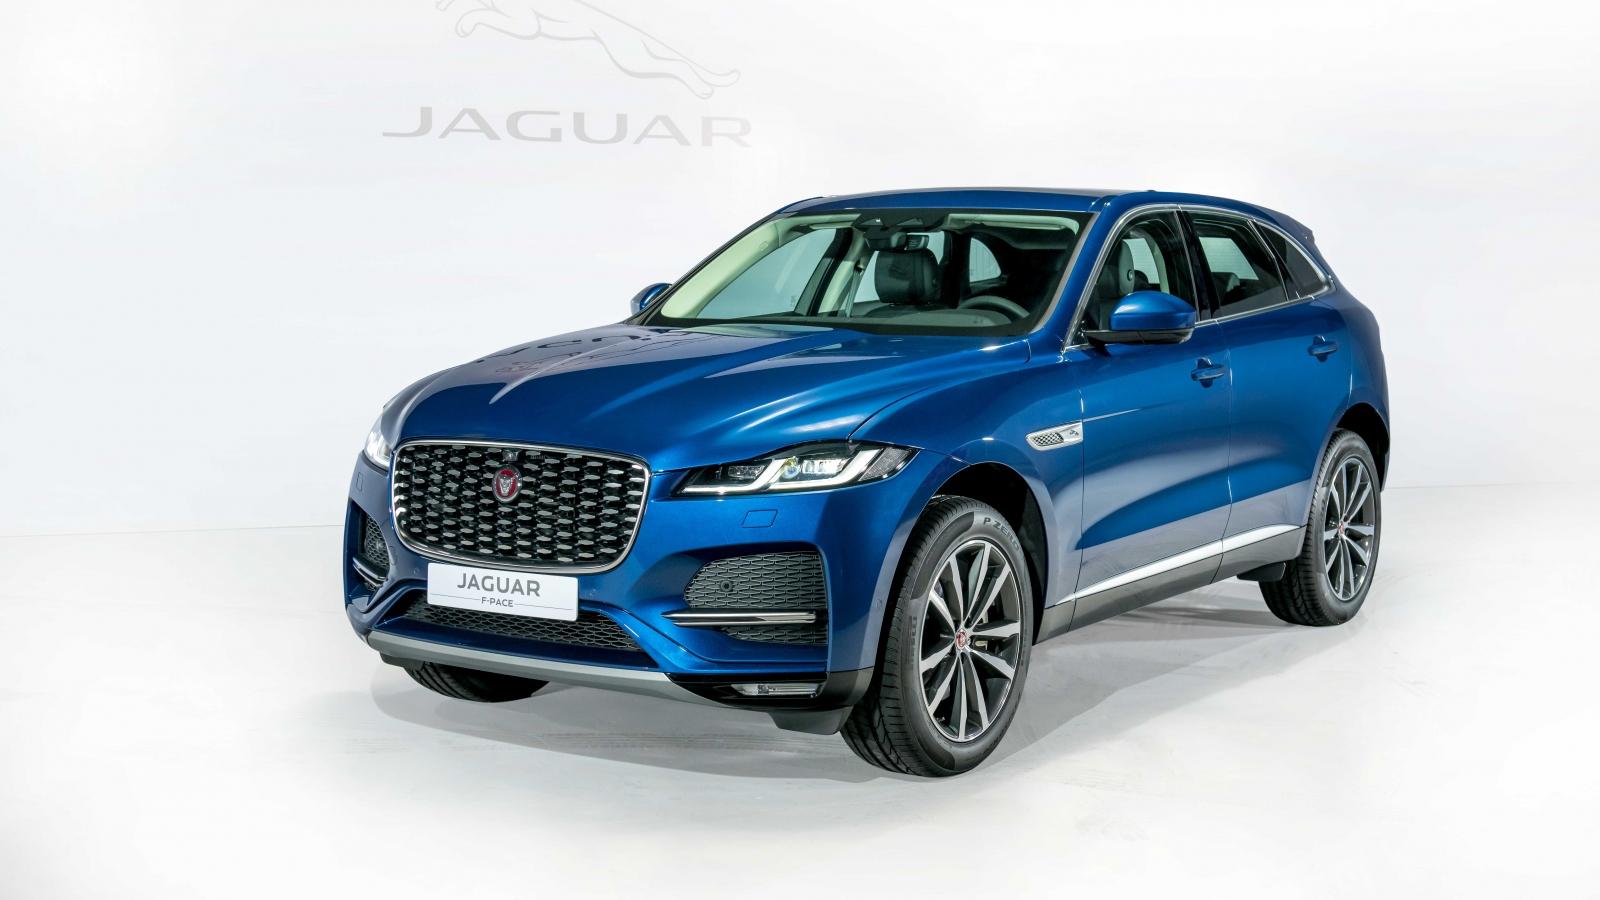 Khám phá Jaguar F-Pace 2021 - Mẫu SUV thể thao đa dụng đến từ Anh